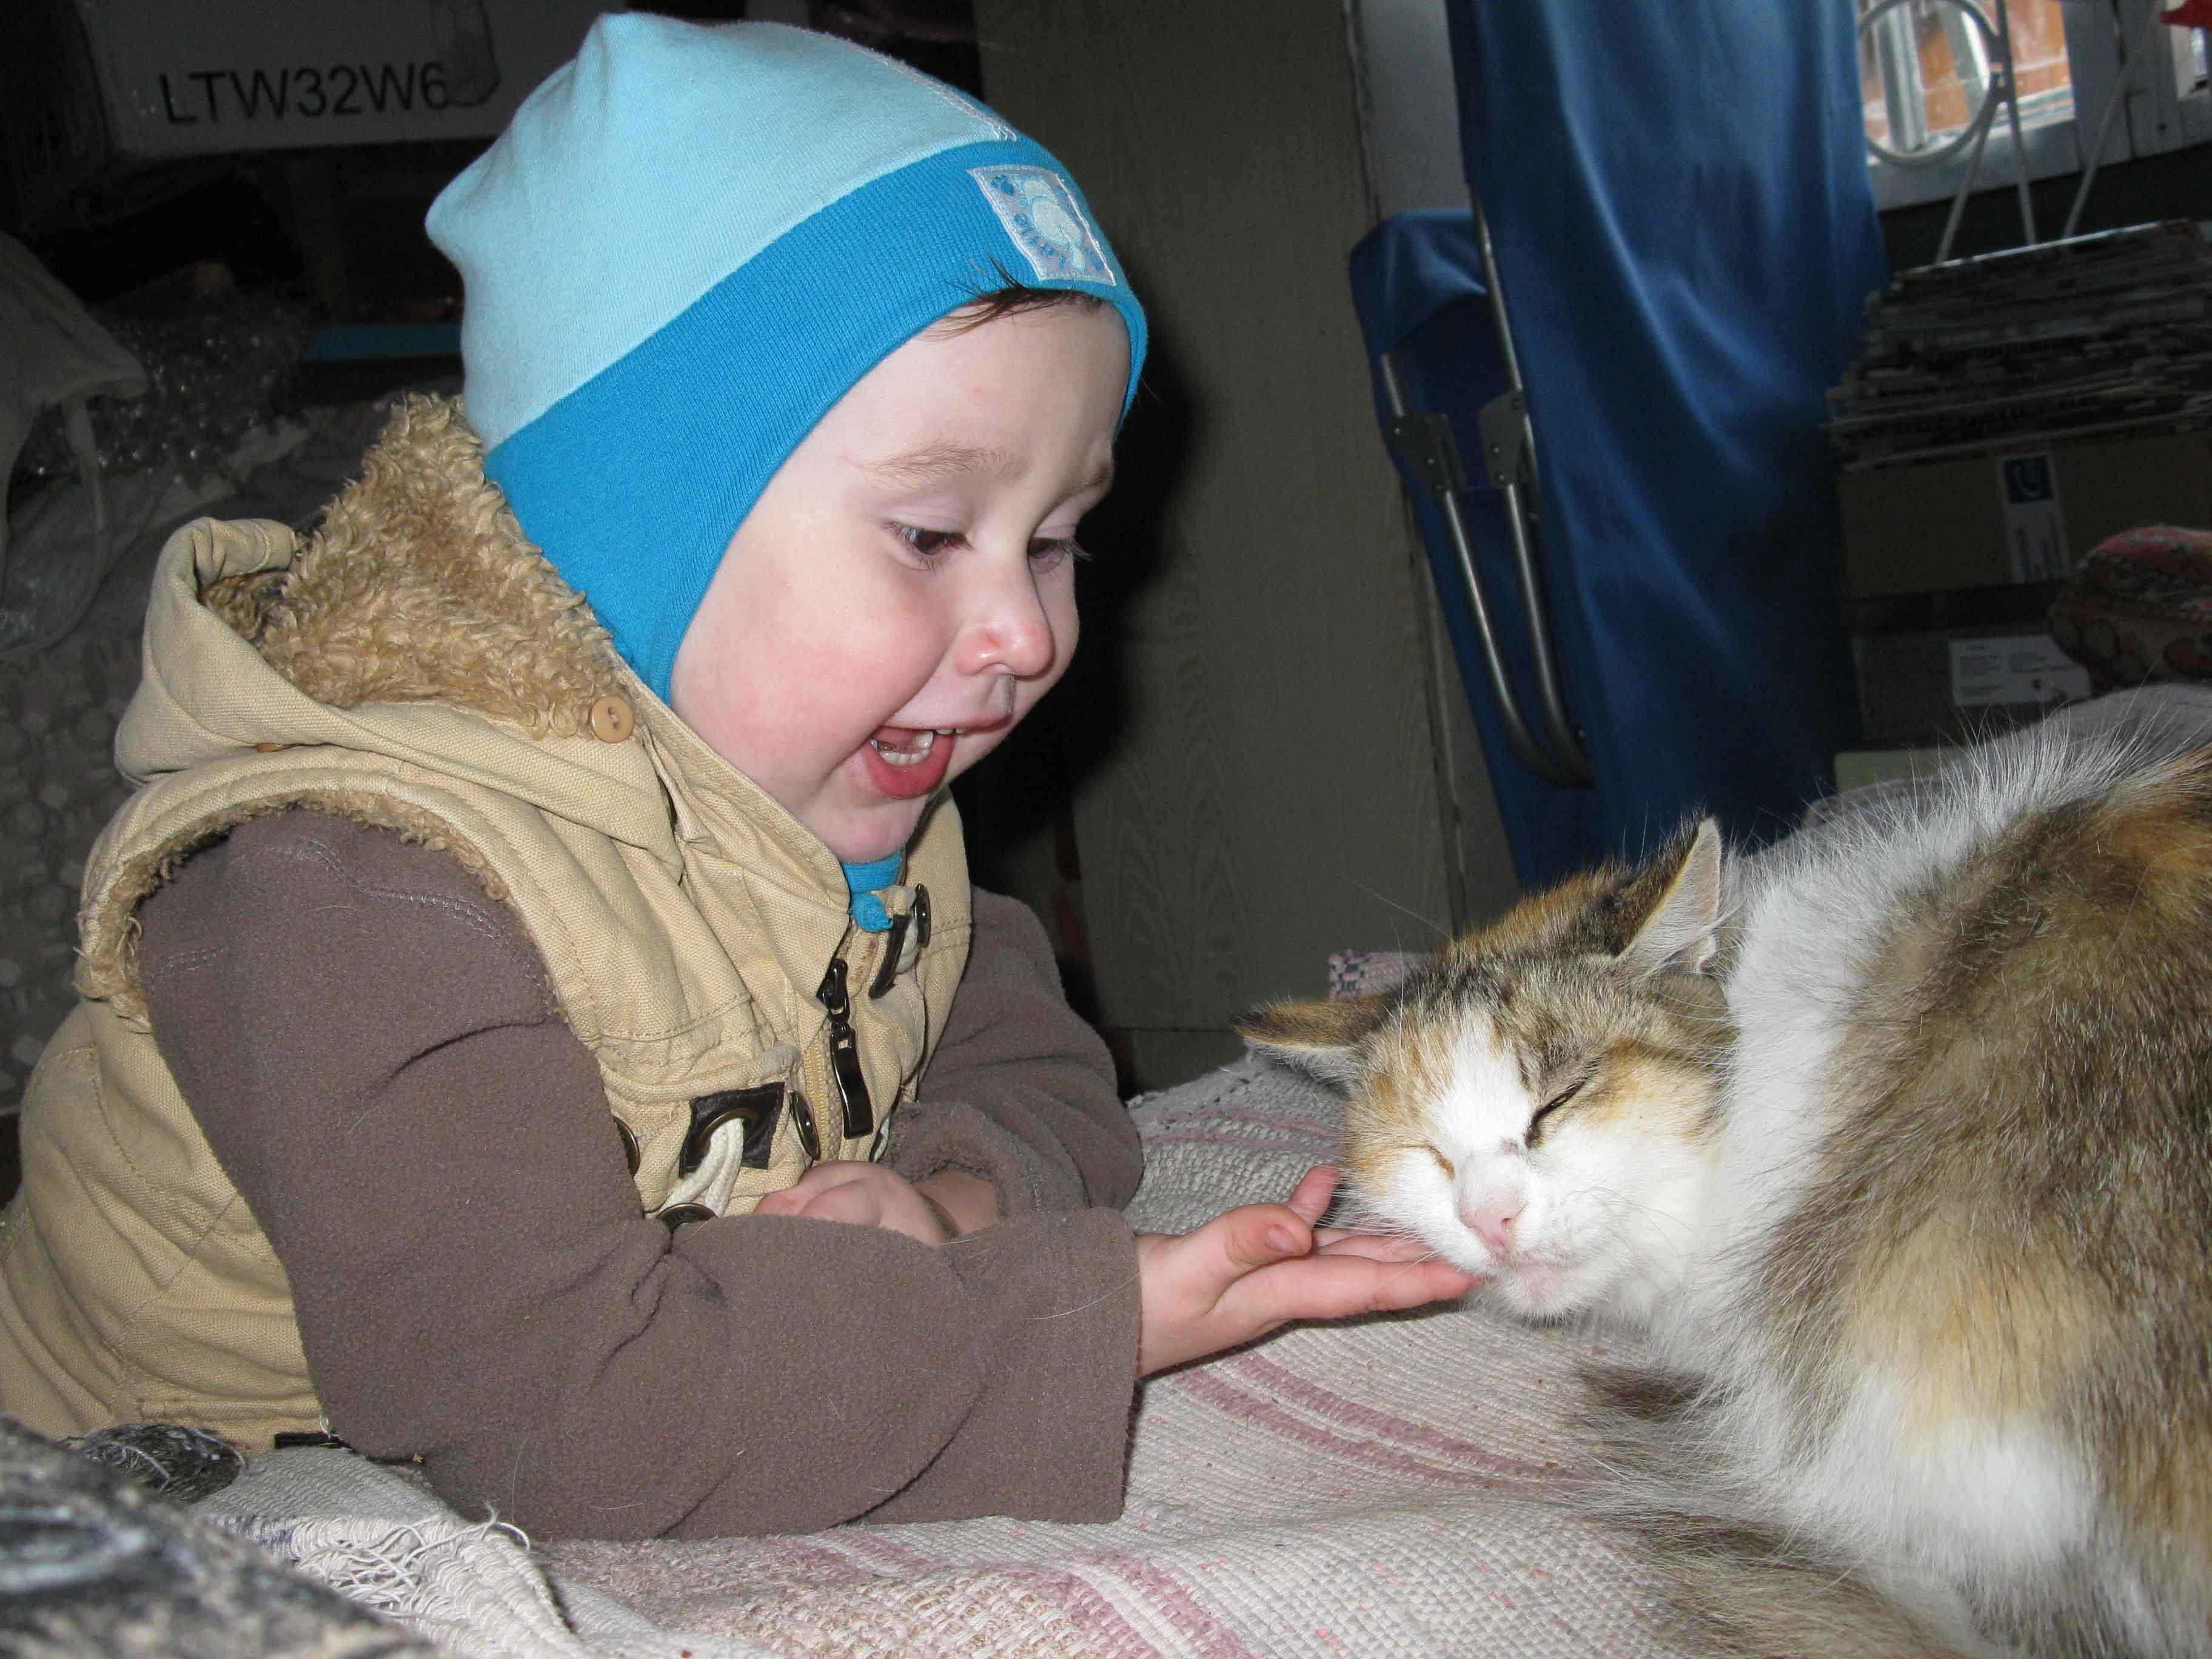 Кошечка, давай дружить! Буду щечки щекотить!. Ребенок и   котенок